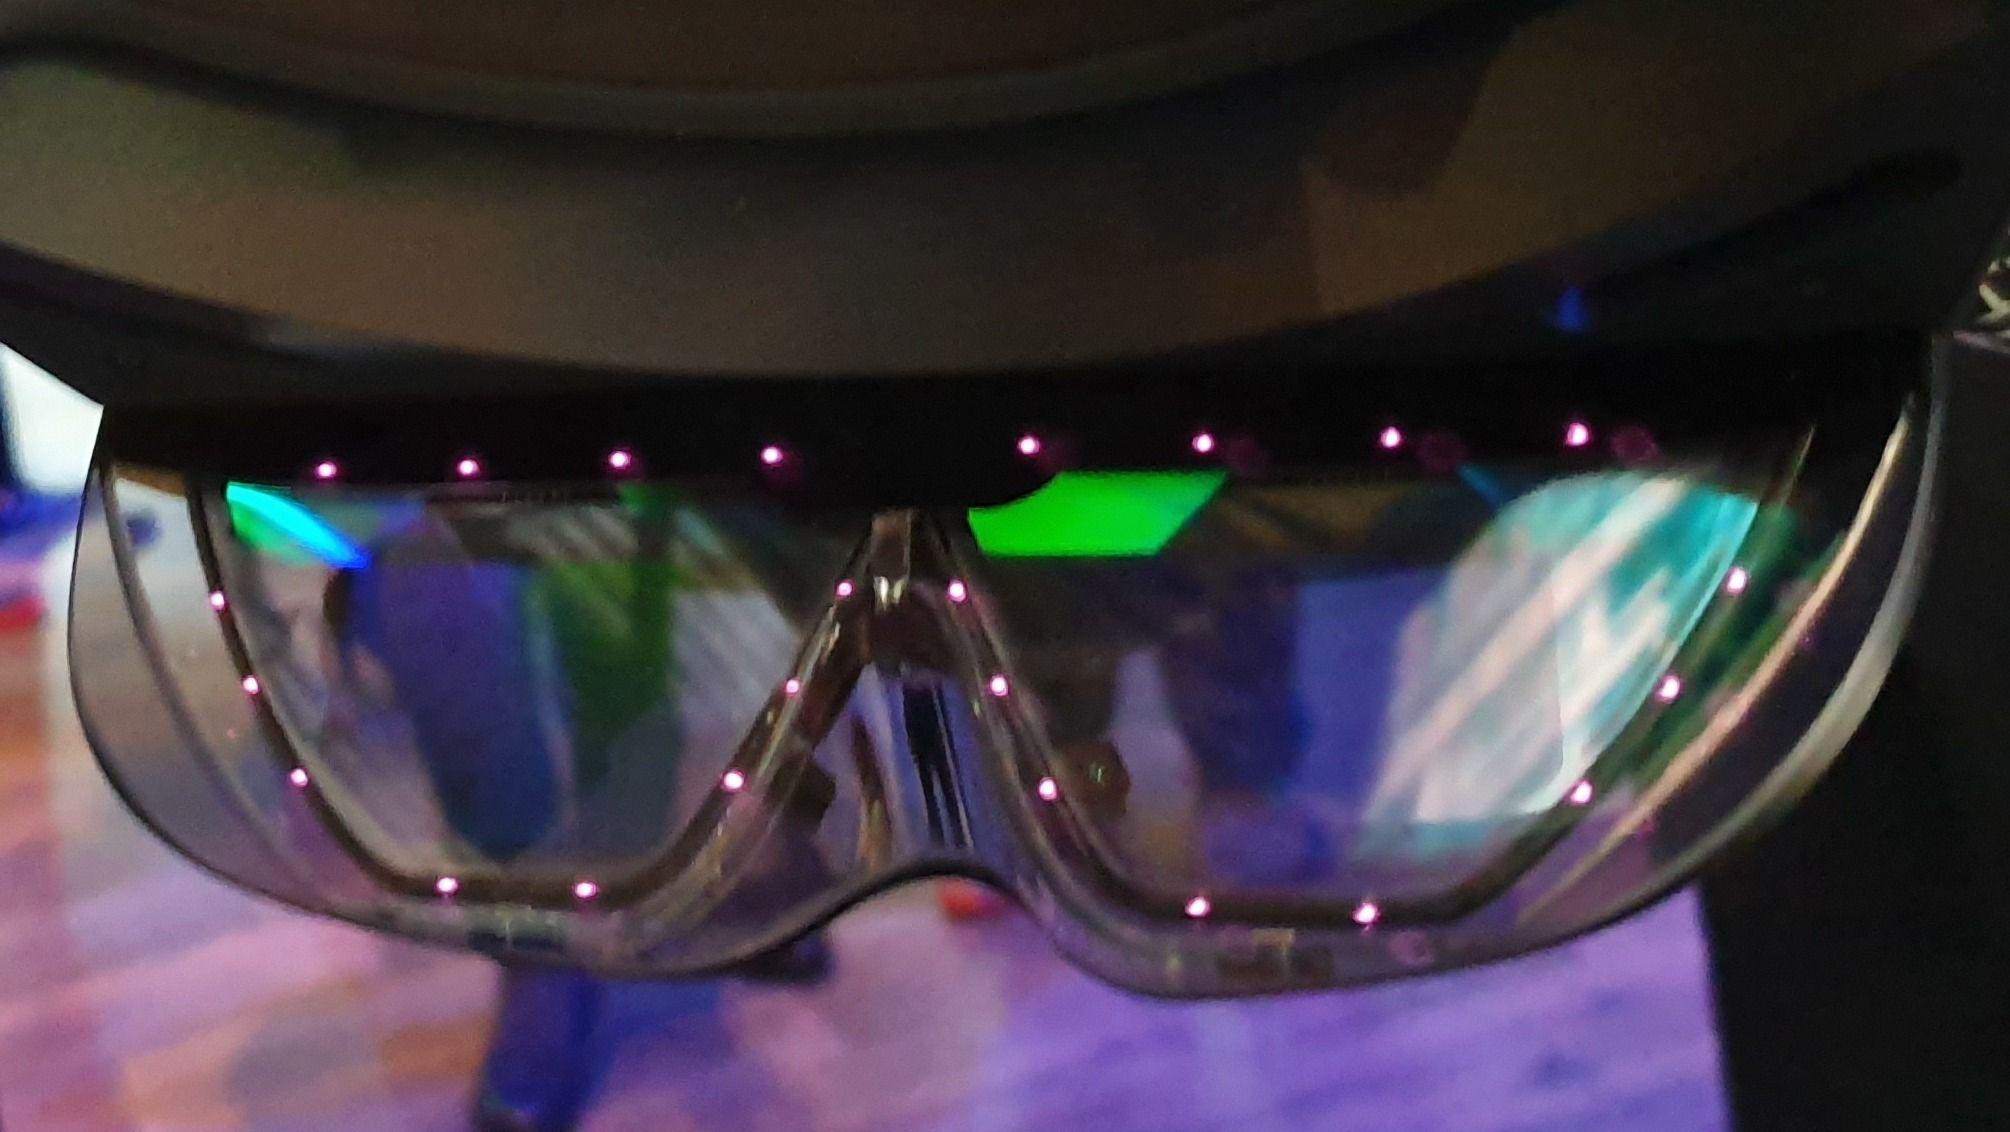 Slik ser innsiden av glassene ut